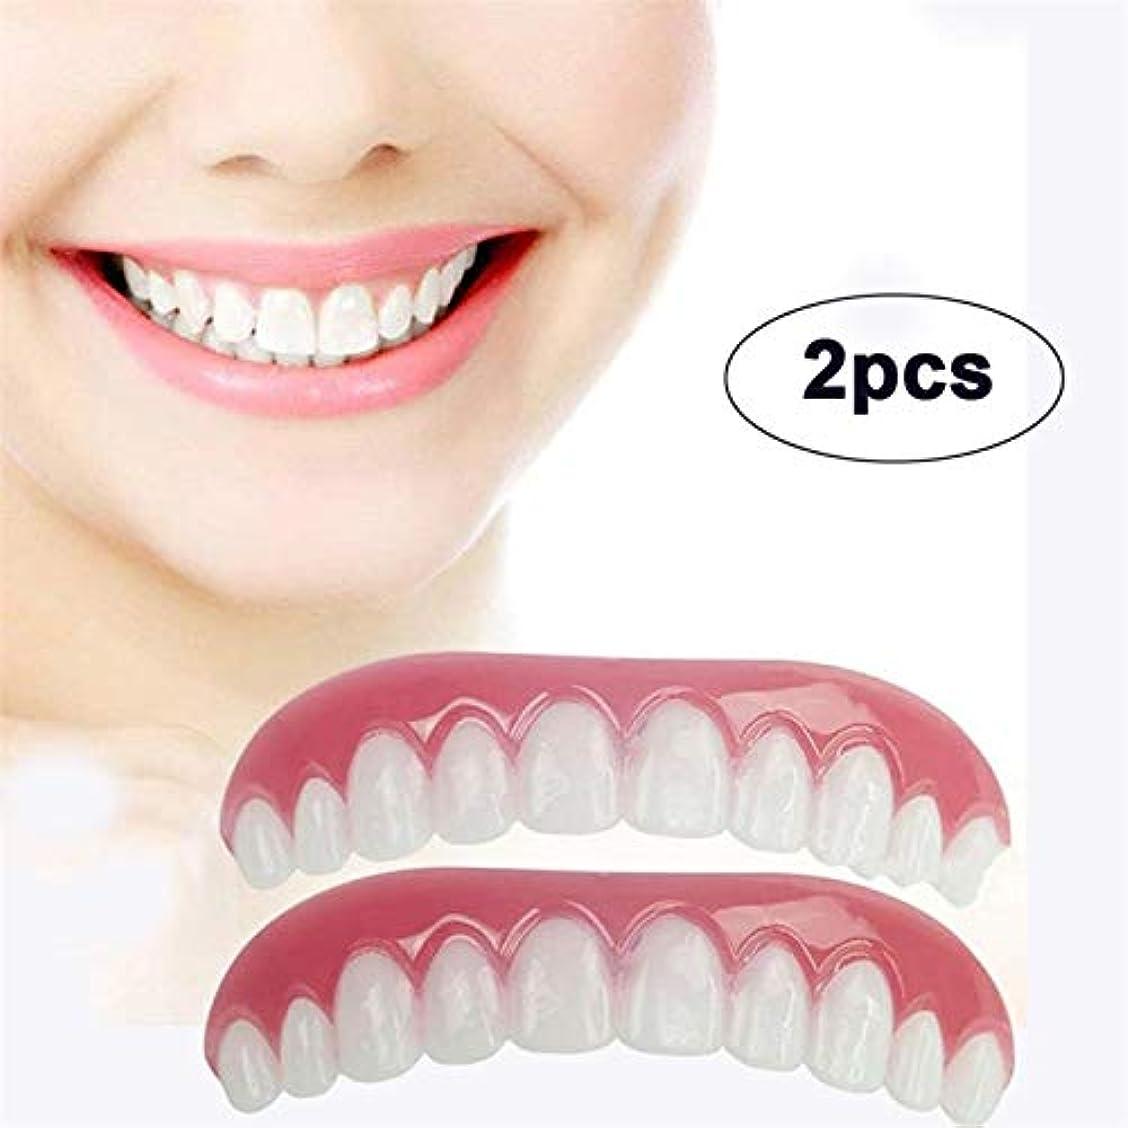 食物最も遠いリビジョン2 ピース歯科ベニアコンフォートフィットフレックス化粧品歯義歯歯トップ化粧品ベニヤポリエチレン Dentaduras Dentes Falsos